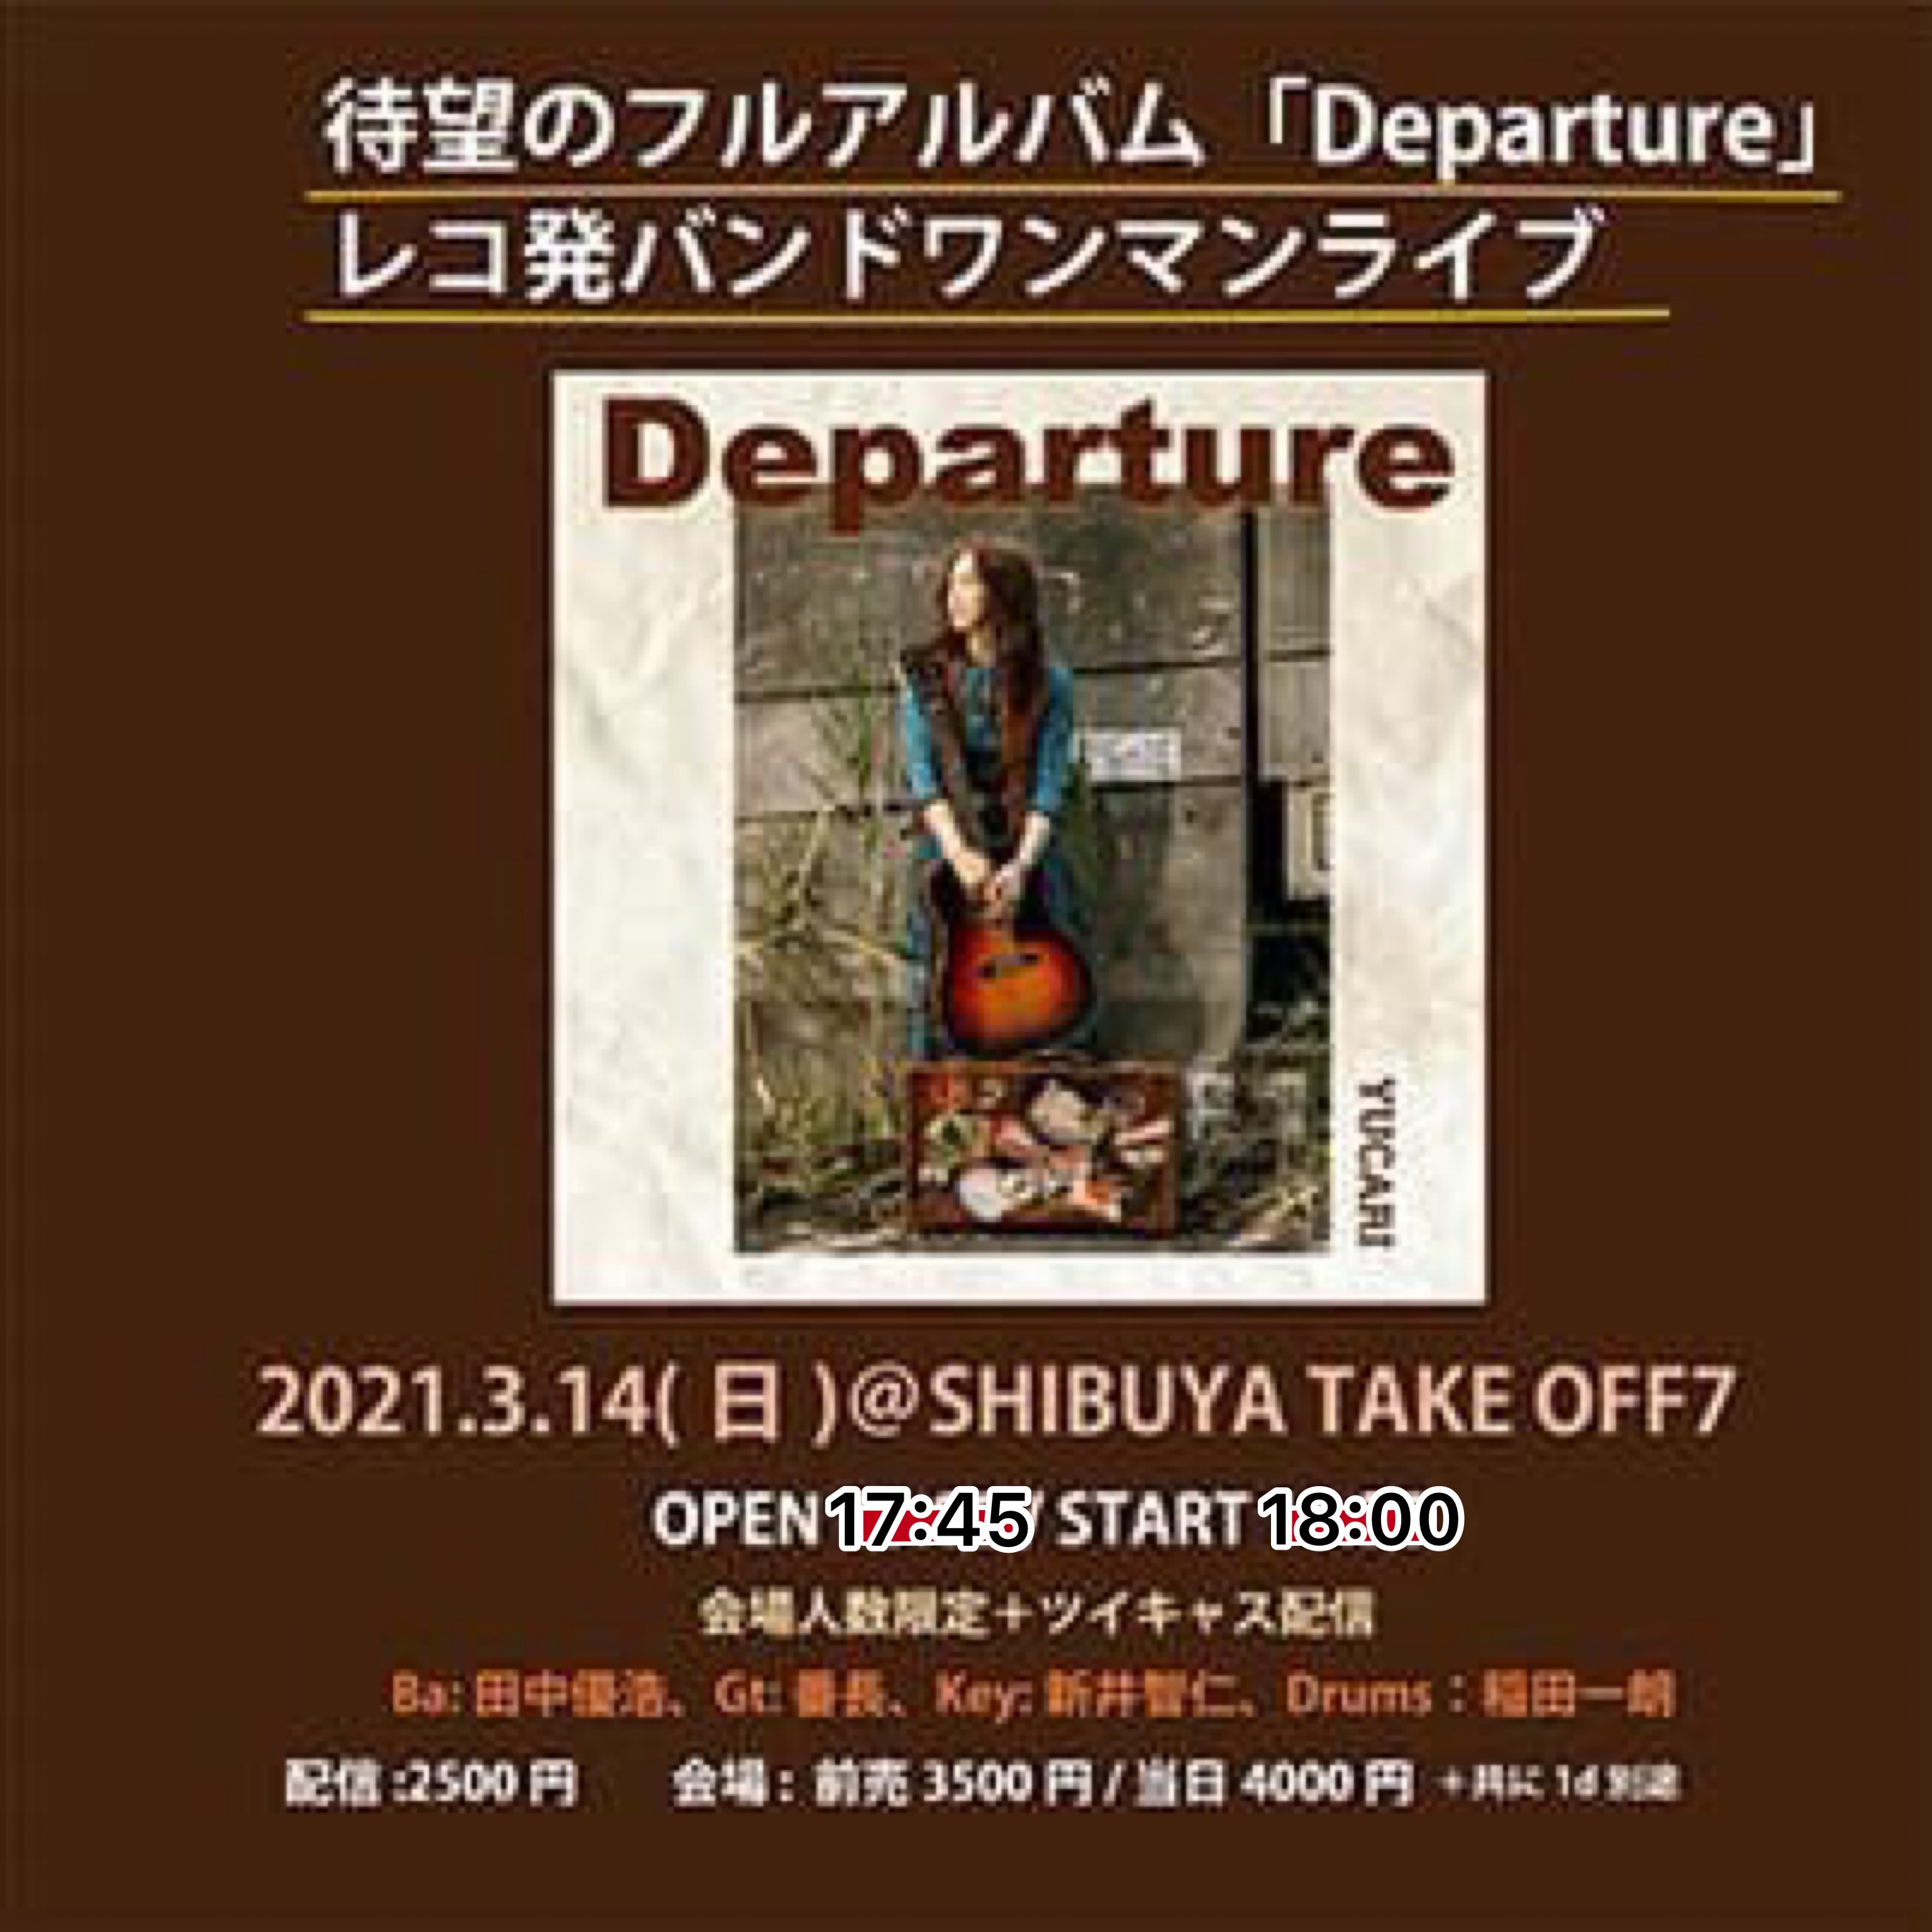 待望のフルアルバム「Departure」レコ発バンドワンマンライブ